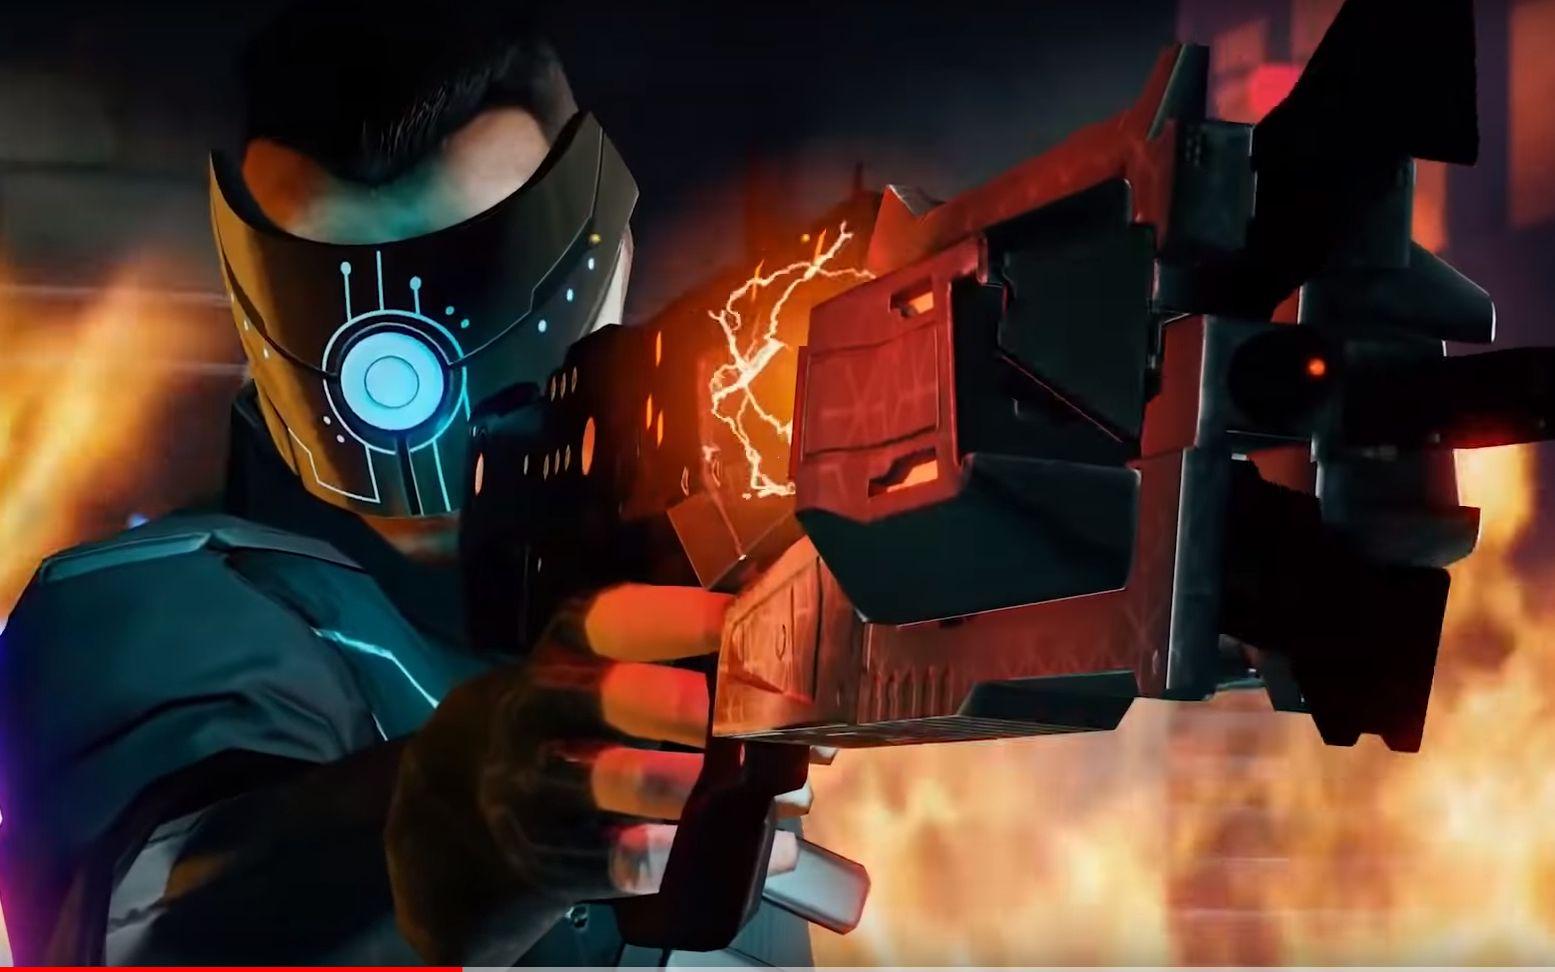 2019《杀戮空间2:网络叛乱》官方宣传片 - 僵尸生存FPS